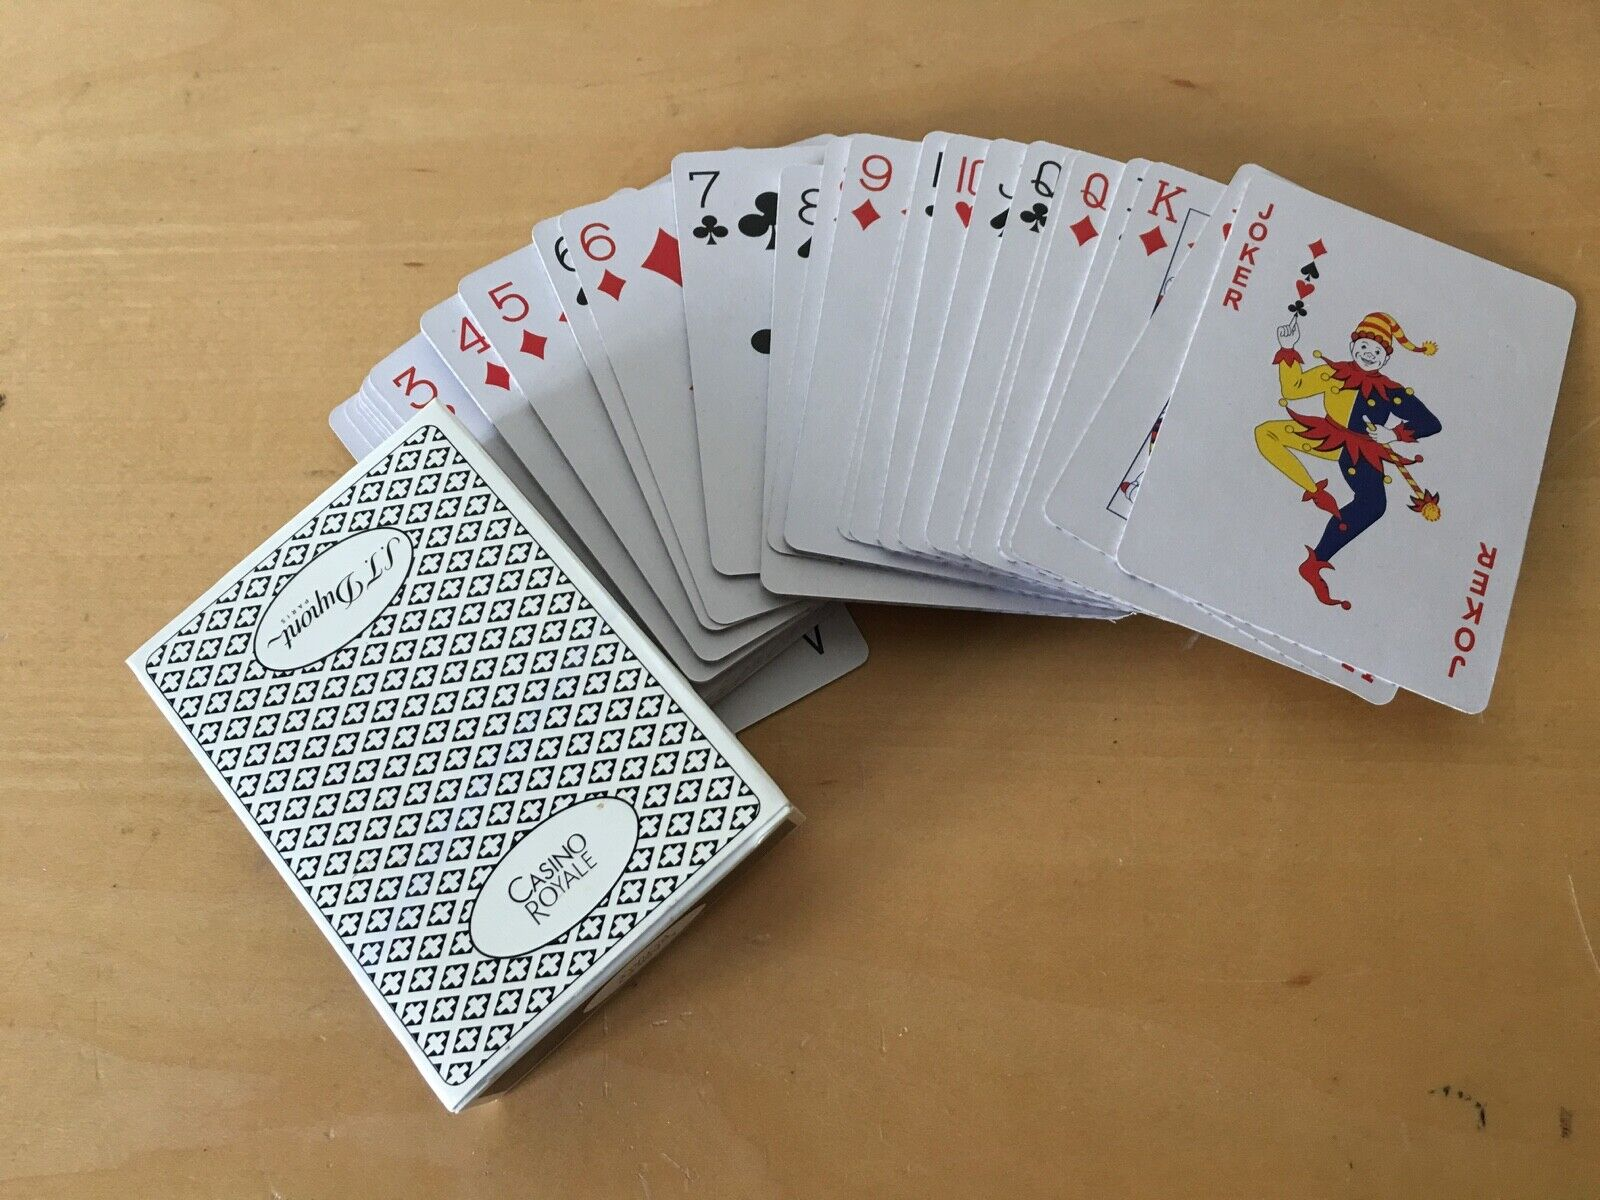 Neuf - Jeu de  voituretes Poker S.T.Dupont Casino Royale Poker voitured Game - Neuf  profitez de 50% de réduction